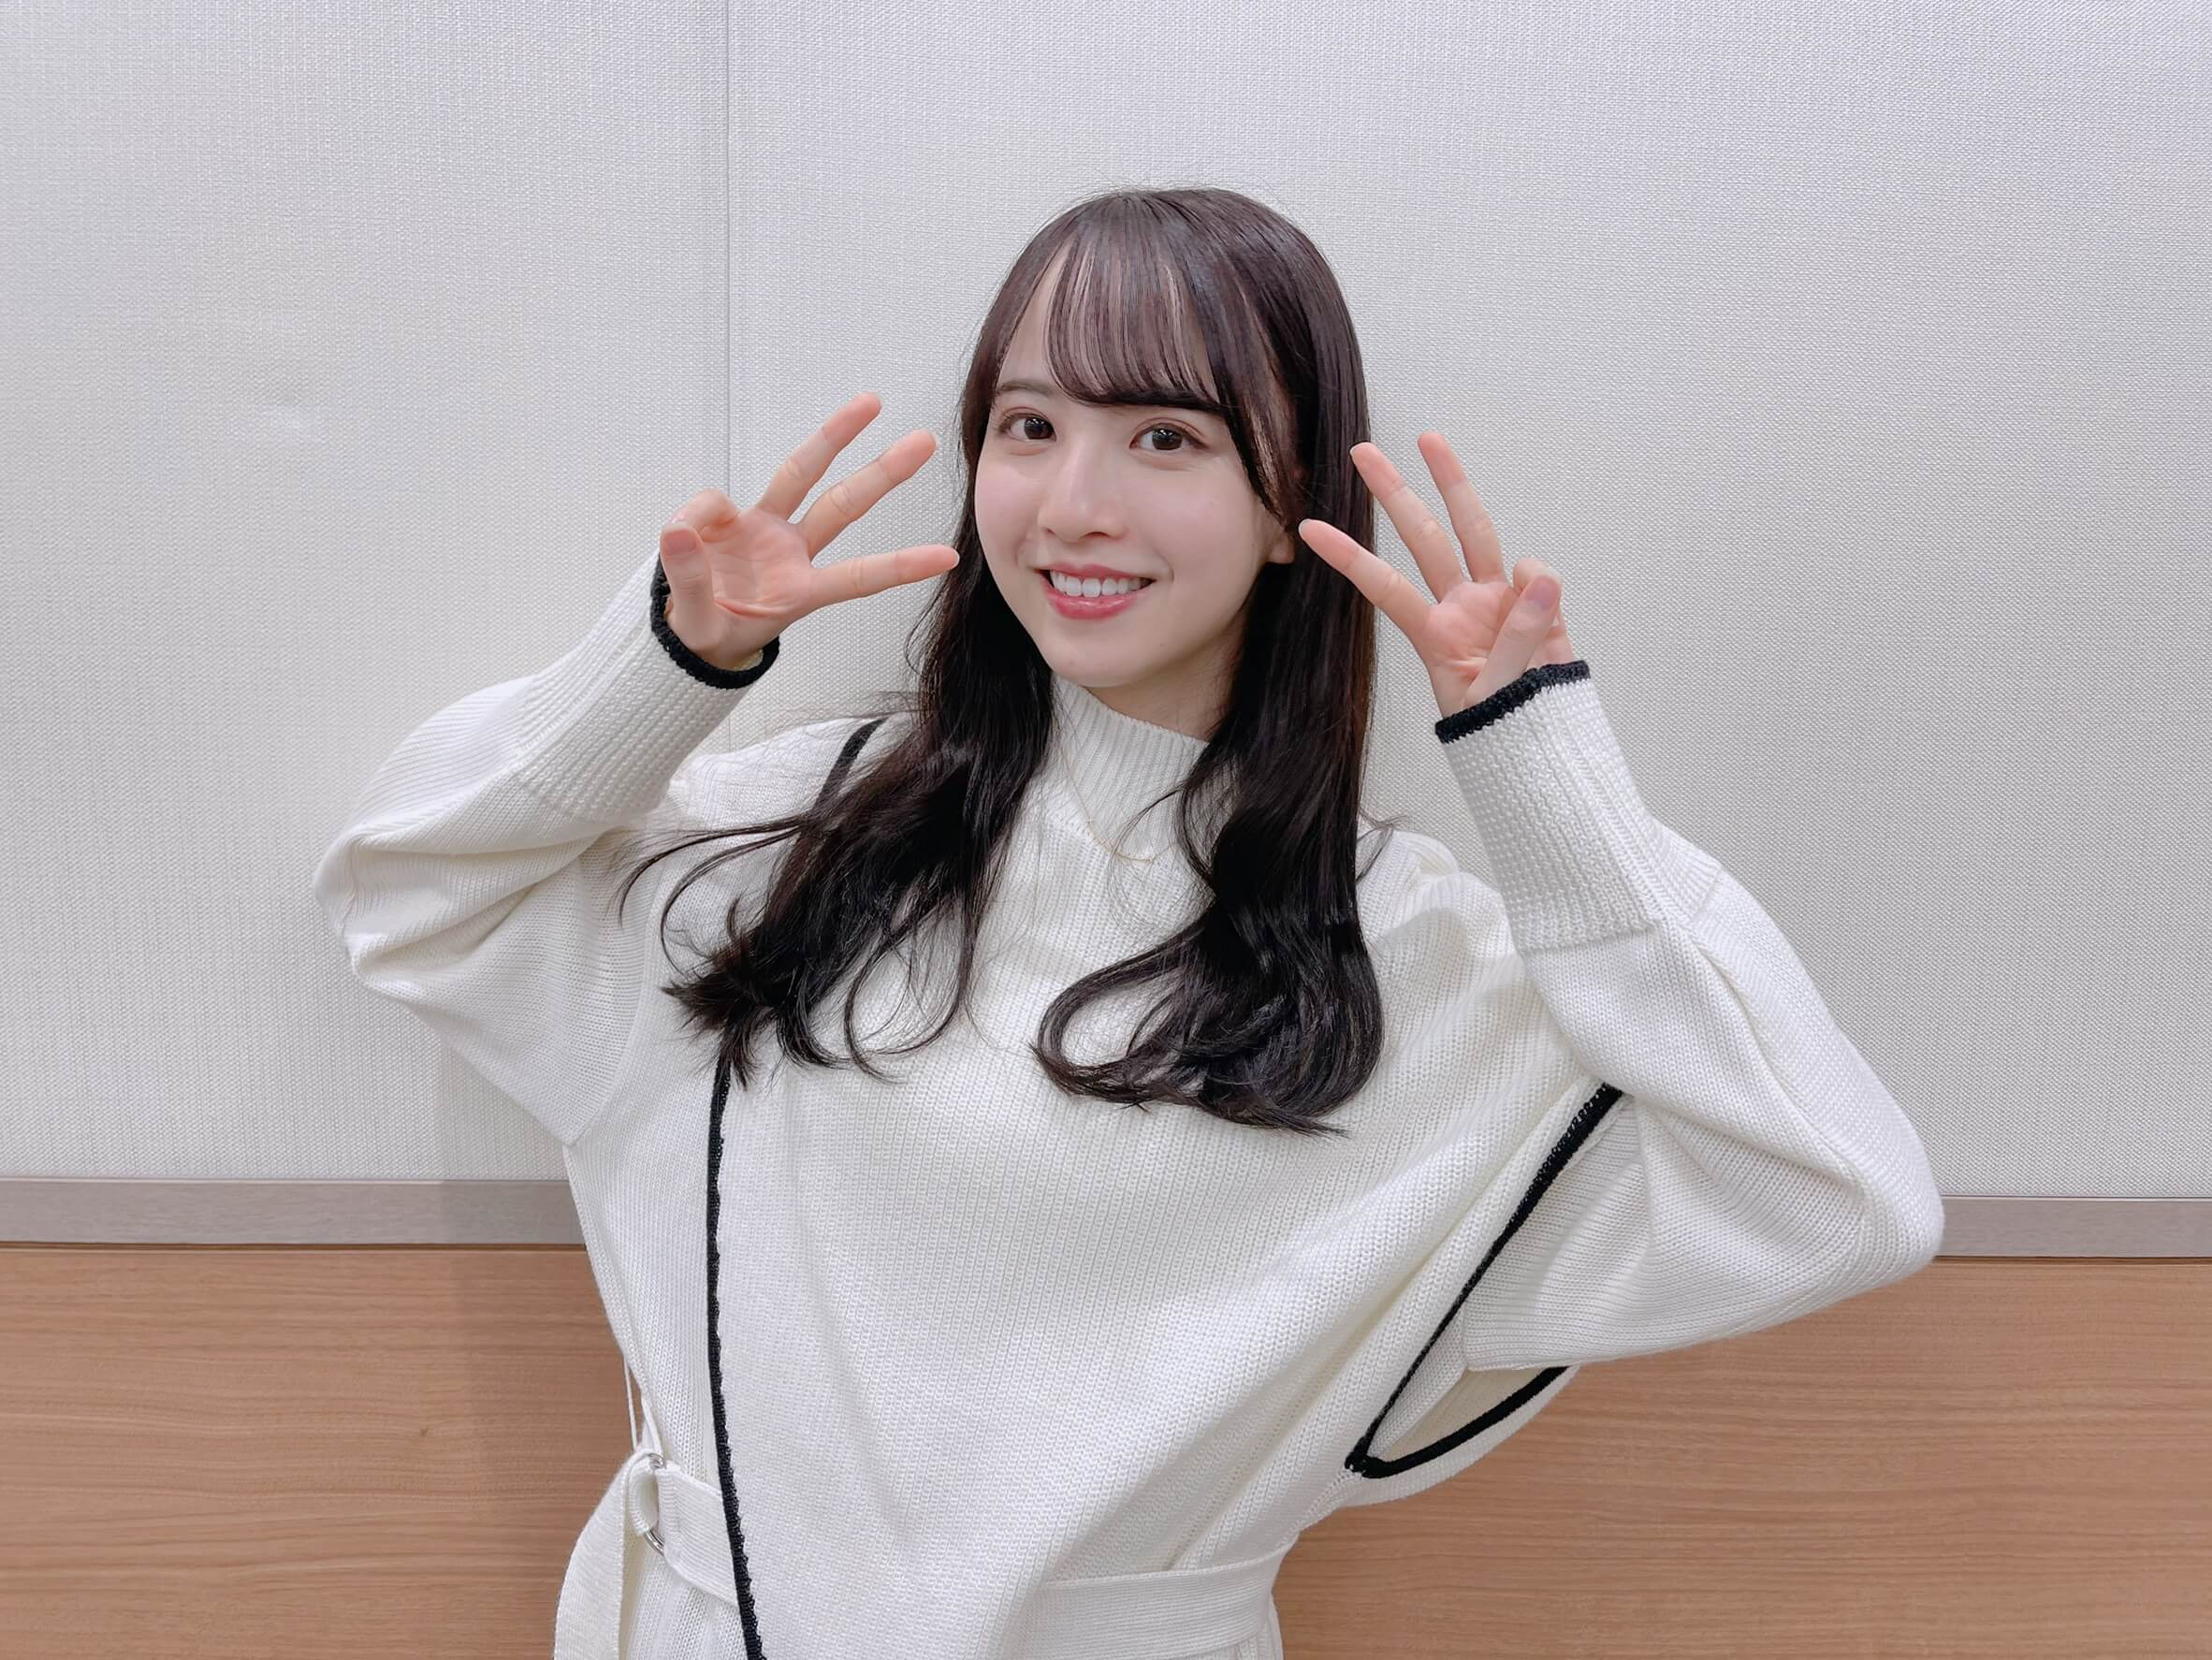 乃木坂46・佐藤楓「えー!見たかった!」と明かす 9周年ライブの裏話とは?